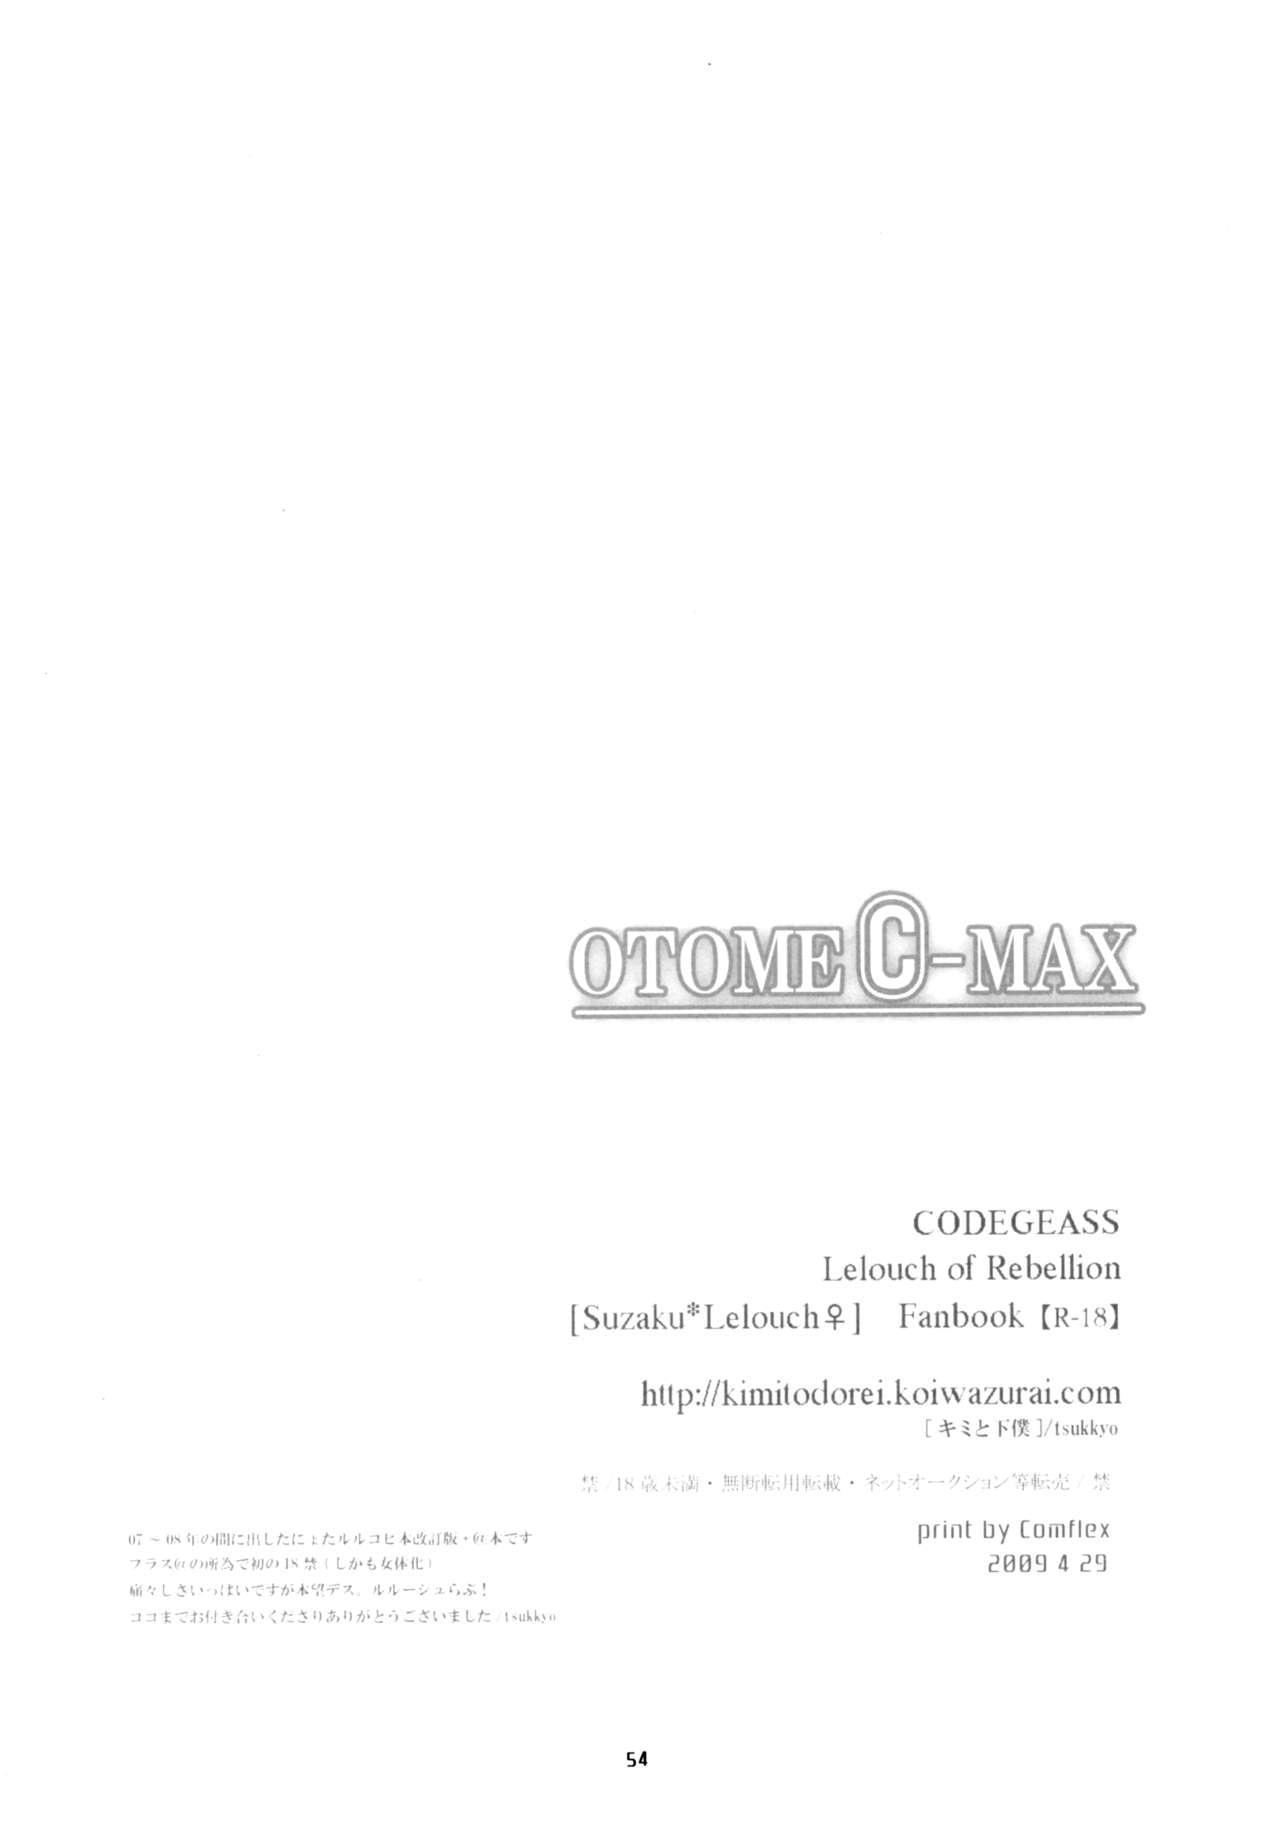 OTOME C-MAX 52